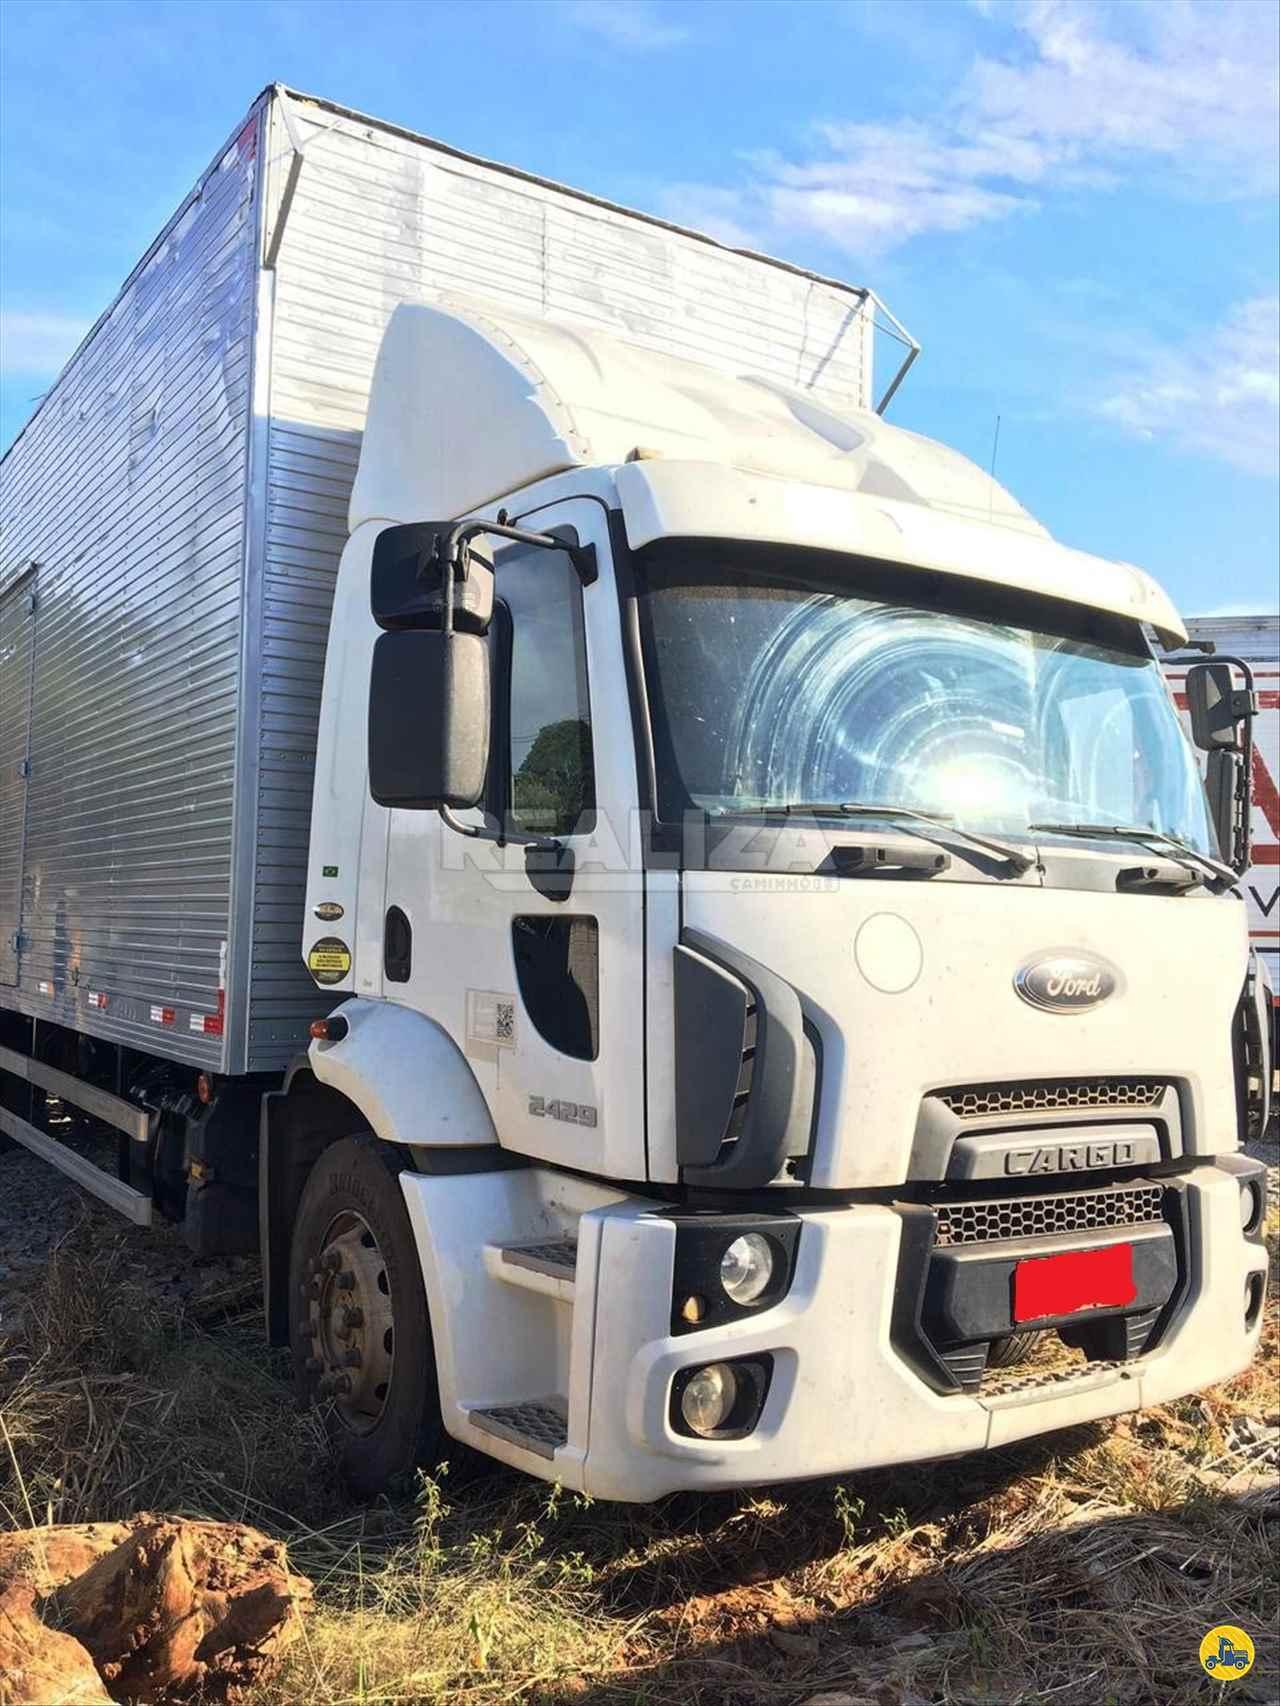 CAMINHAO FORD CARGO 2429 Chassis Truck 6x2 Realiza Caminhões - Umuarama UMUARAMA PARANÁ PR